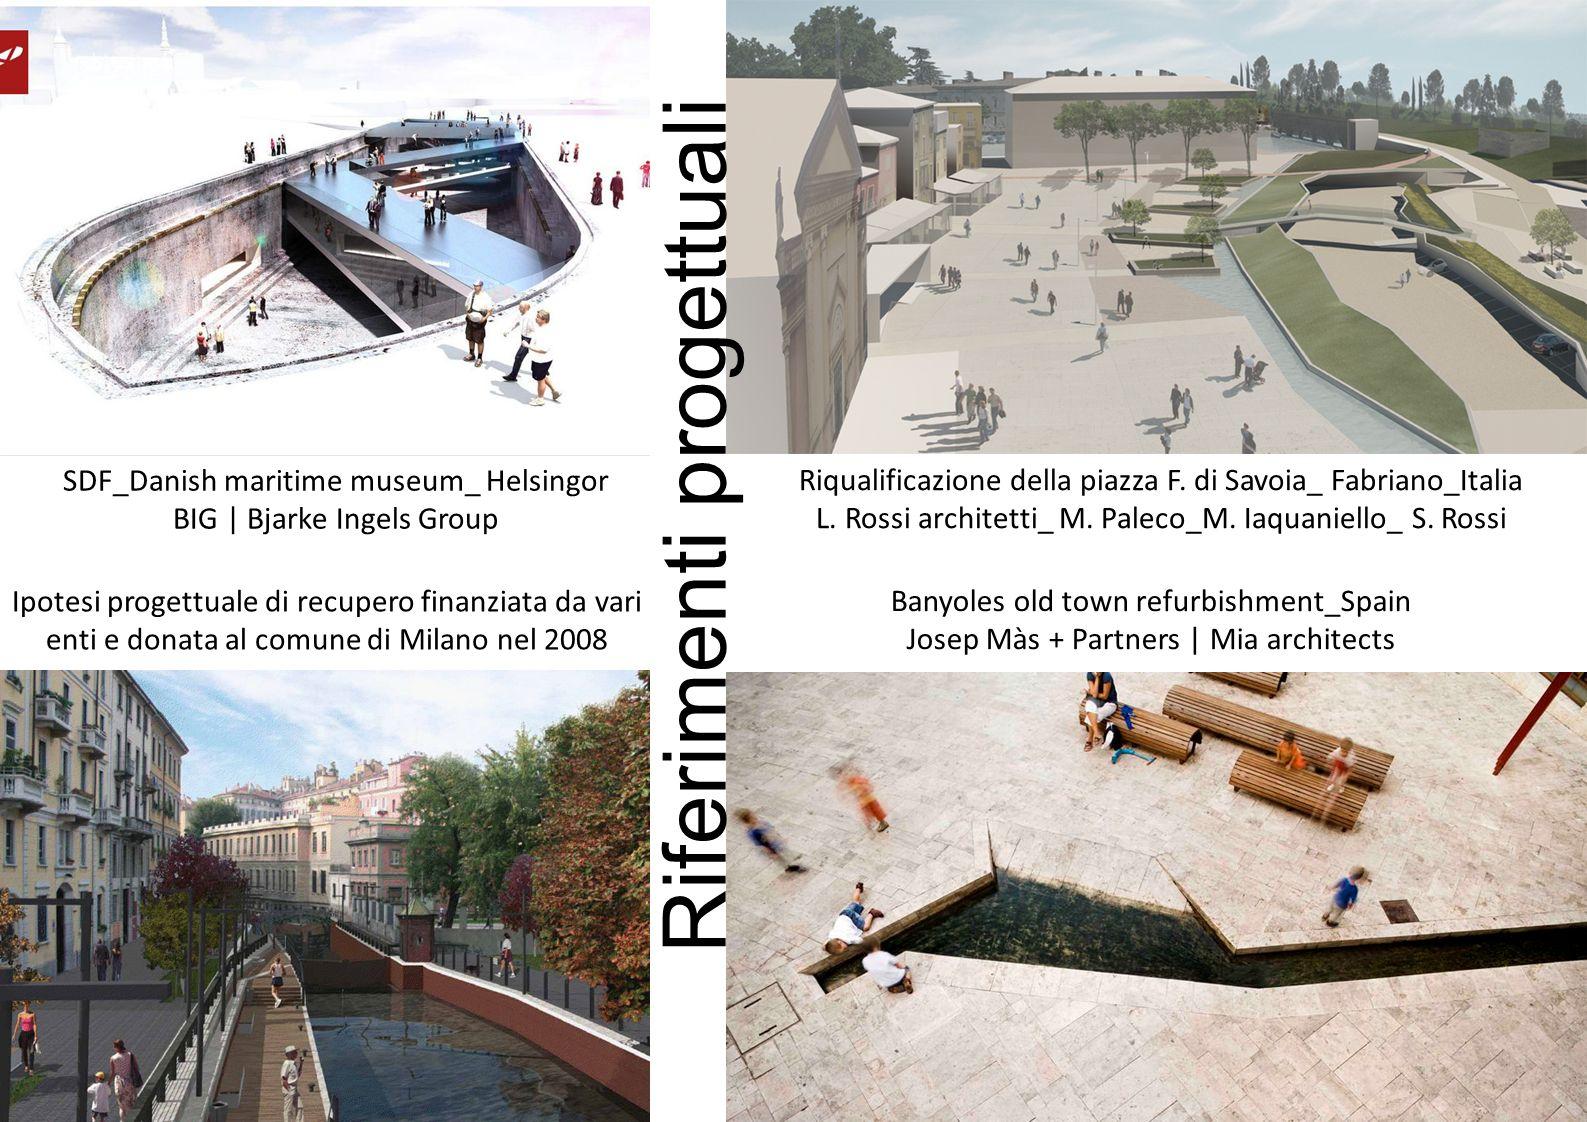 SDF_Danish maritime museum_ Helsingor BIG | Bjarke Ingels Group Ipotesi progettuale di recupero finanziata da vari enti e donata al comune di Milano nel 2008 Riqualificazione della piazza F.